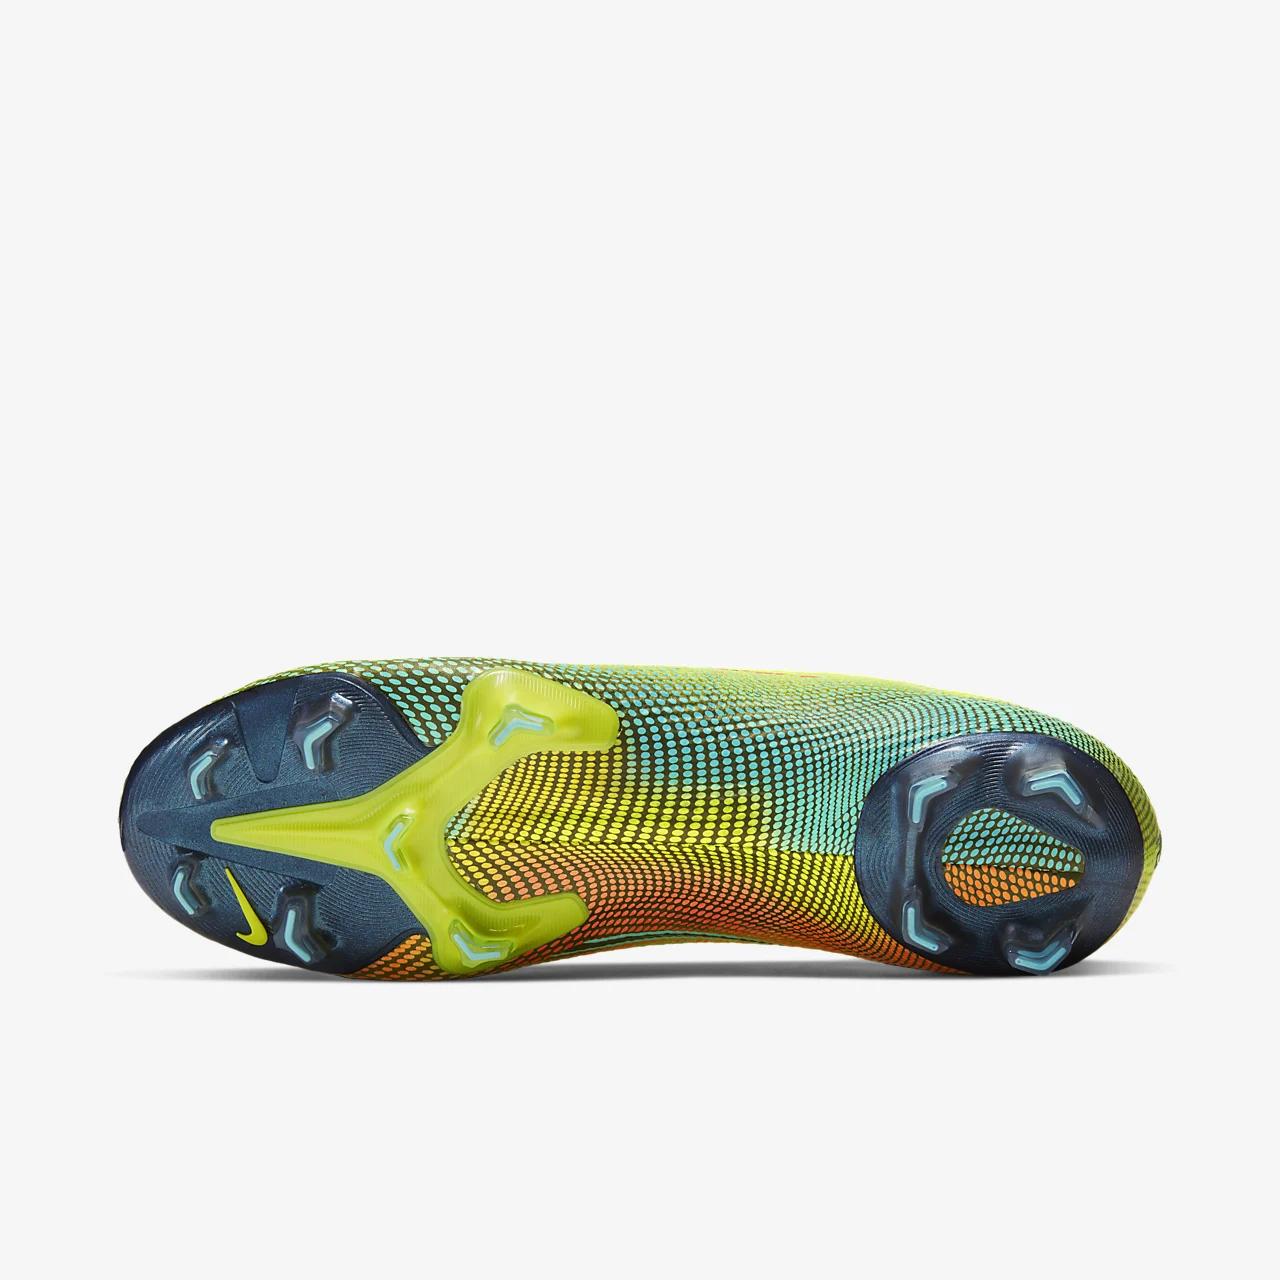 유럽직배송 나이키 NIKE Nike Mercurial Vapor 13 Elite MDS FG Firm-Ground Football Boot CJ1295-703